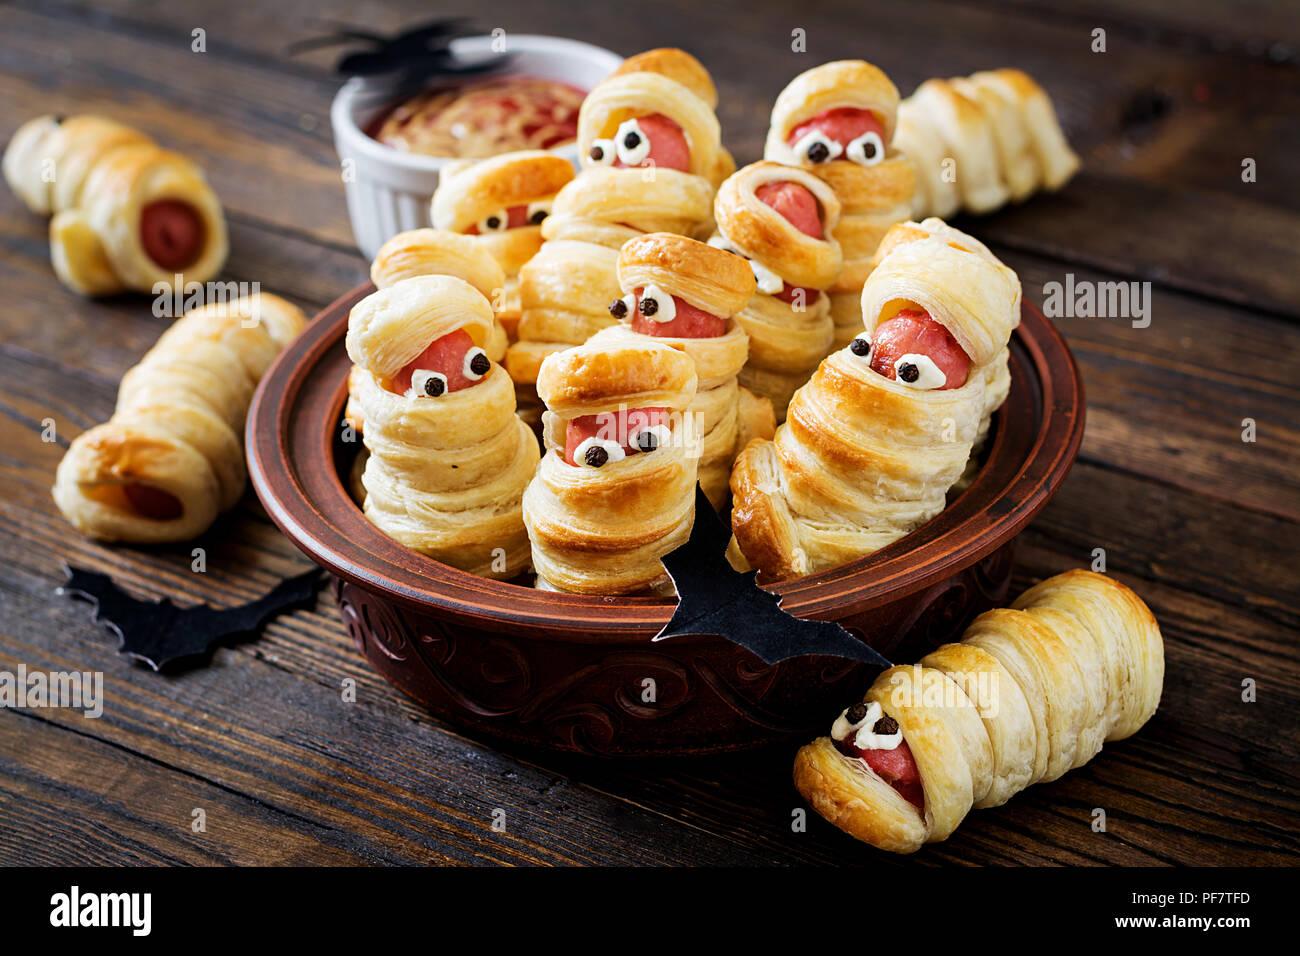 Beangstigend Wurst Mumien Im Teig Mit Lustigen Augen Auf Den Tisch Lustige Dekoration Halloween Essen Stockfotografie Alamy